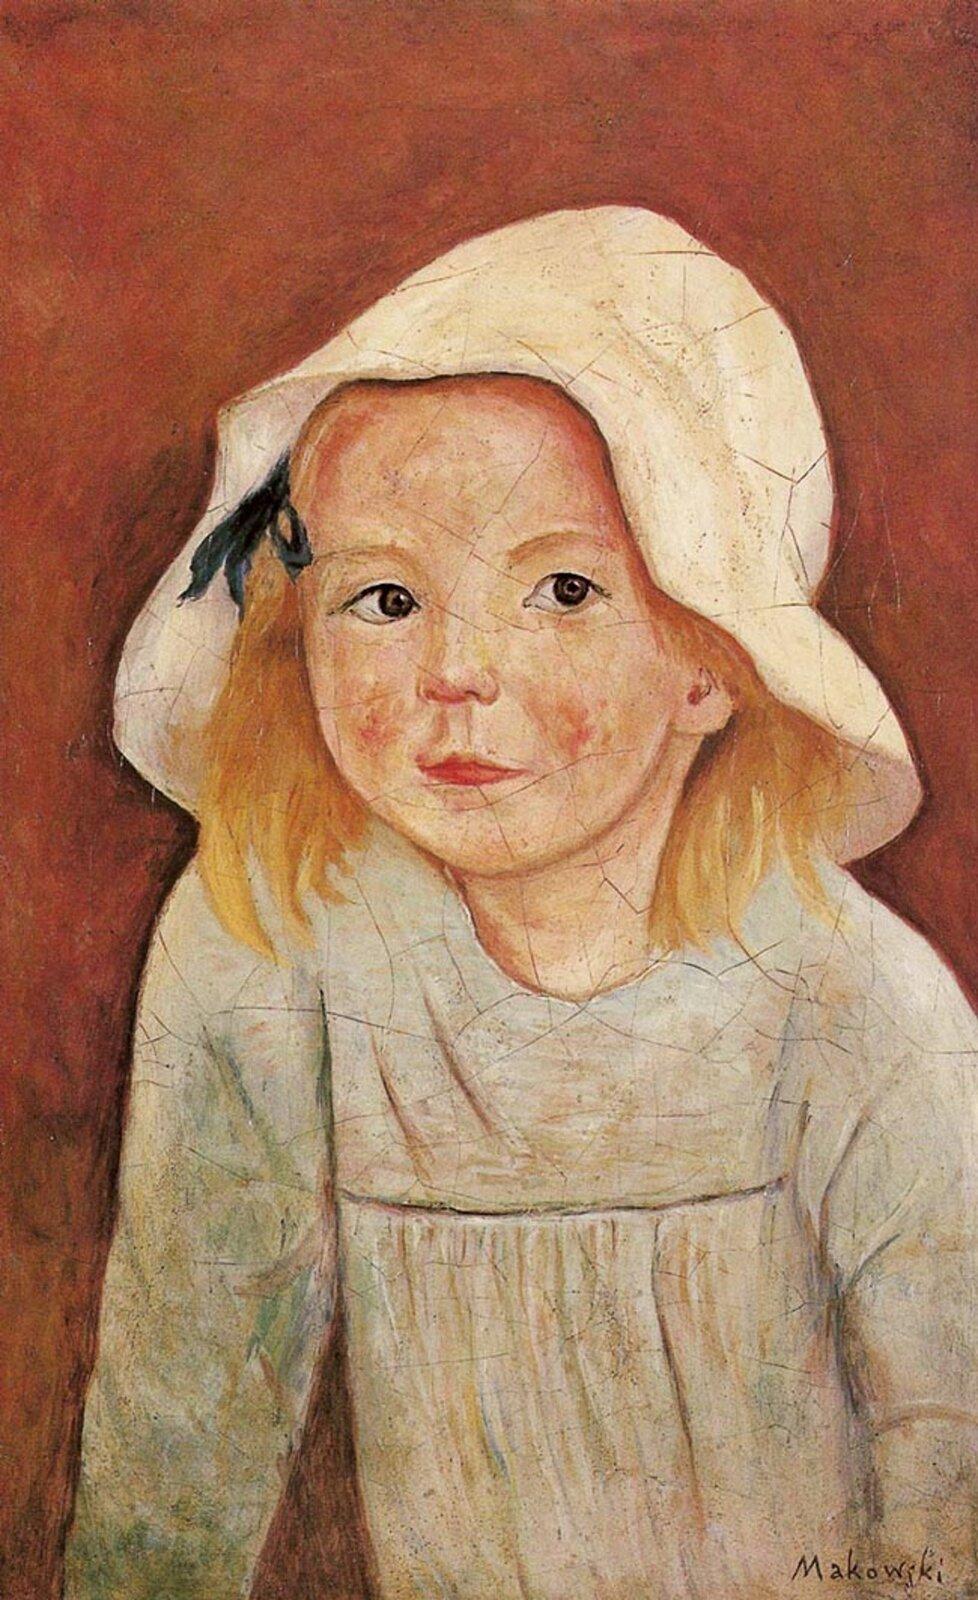 """Ilustracja przedstawia obraz pt. """"Dziewczynka wbiałym kapeluszu"""" autorstwa Tadeusza Makowskiego. Jest to klasyczny portret en face iprzedstawia postać dziewczynki portretowanej na brązowym tle. Dziewczynka ubrana jest wbiałą sukienkę oraz biały kapelusz zczarną wstążką. Makowski przy tworzeniu tego obrazu, nakładał farbę za pomocą delikatnych ruchów. Kolory są położone równomiernie, zwidocznymi wlewym rogu cieniami."""